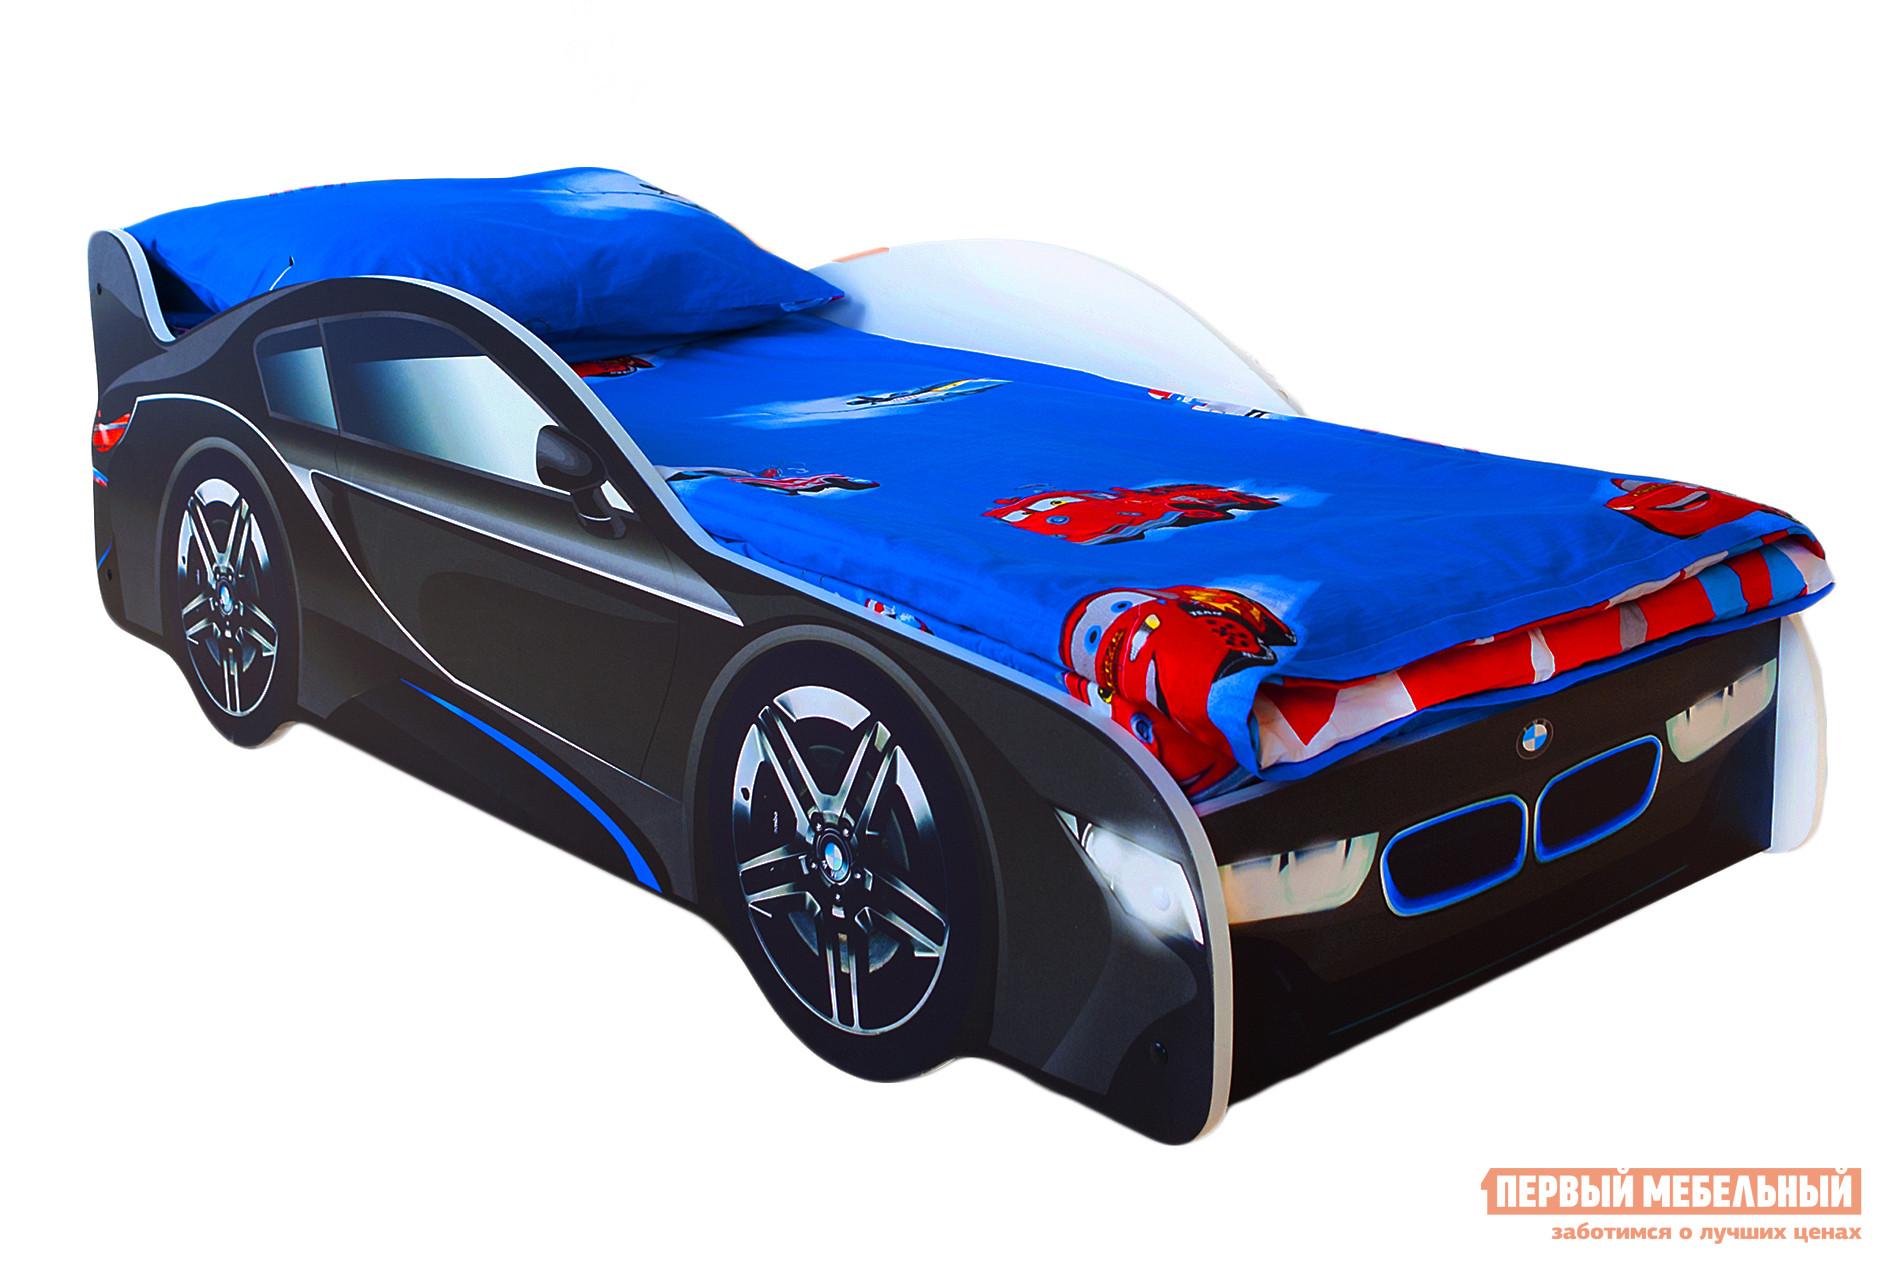 Кровать-машина Бельмарко БМВ Черный, Без матрасаКровати-машины<br>Габаритные размеры ВхШхГ 500x750x1700 мм. Кроватка, исполненная в виде роскошного спортивного автомобиля, перенесет вашего ребенка в мир скорости и веселья. Размер спального места составляет 700х1600 мм. Боковые линии кровати позволяют взрослому удобно сидеть, пока ребенок засыпает, при этом малыш никогда не упадет во сне. Модель очень легко собирается в течении 10 минут. Основание под матрас — деревянные прочные латы, выдерживающие нагрузку до 200 кг.  Латы позволяют матрасу «дышать», если он намокнет — достаточно его перевернуть и он высохнет. Материал изготовления — ЛДСП класса E1 с прямой ультрафиолетовой печатью, что обеспечивает долговечность и безопасность в эксплуатации. Обратите внимание! Необходимо выбрать комплектацию: с матрасом или без. Также вы можете дополнительно заказать светодиодную подсветку дна кровати и пластиковые объемные колеса, с которыми вы можете более подробно ознакомиться во вкладке «Аксессуары».<br><br>Цвет: Черный<br>Цвет: Черный<br>Высота мм: 500<br>Ширина мм: 750<br>Глубина мм: 1700<br>Кол-во упаковок: 2<br>Форма поставки: В разобранном виде<br>Срок гарантии: 1 год<br>Материал: Деревянные, из ЛДСП<br>Особенности: С бортиками, С колесами, С матрасом, С подсветкой<br>Возраст: От 3-х лет<br>Модель: БМВ, Гонка<br>Пол: Для мальчиков